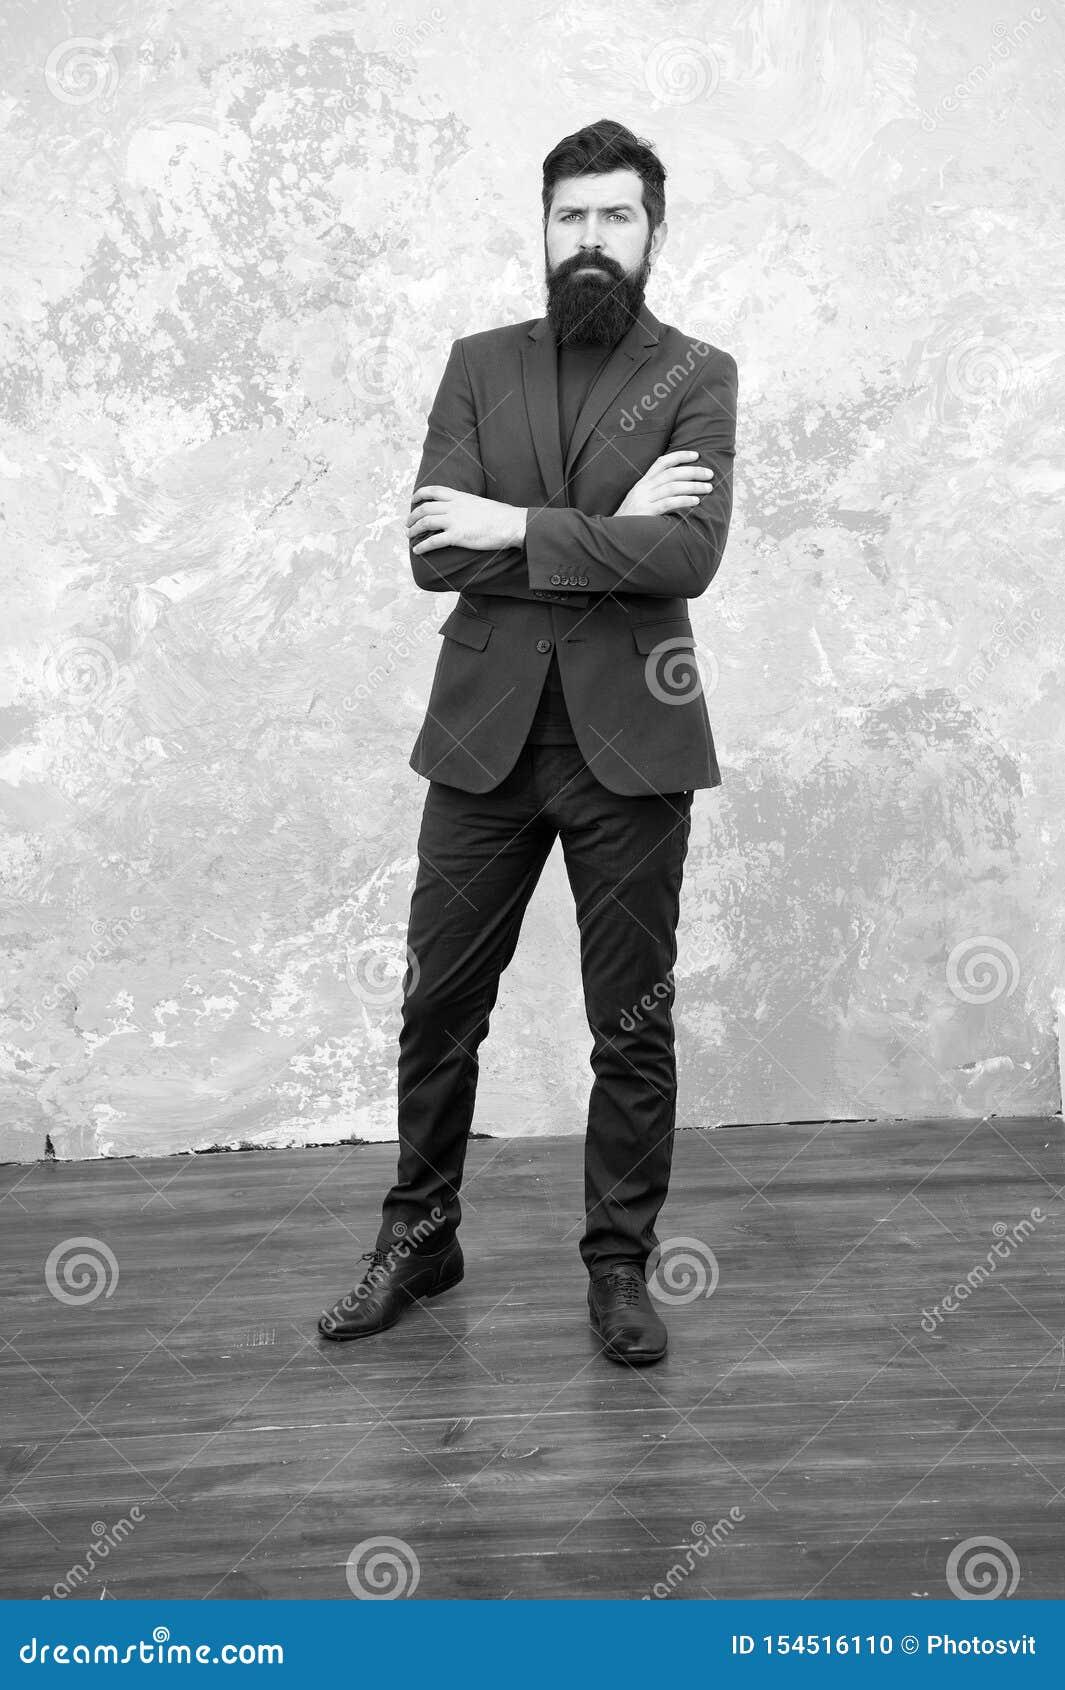 Equipamento formal Tome bom do terno Eleg?ncia e estilo masculino Fundo cinzento do equipamento elegante do homem de neg?cios ou